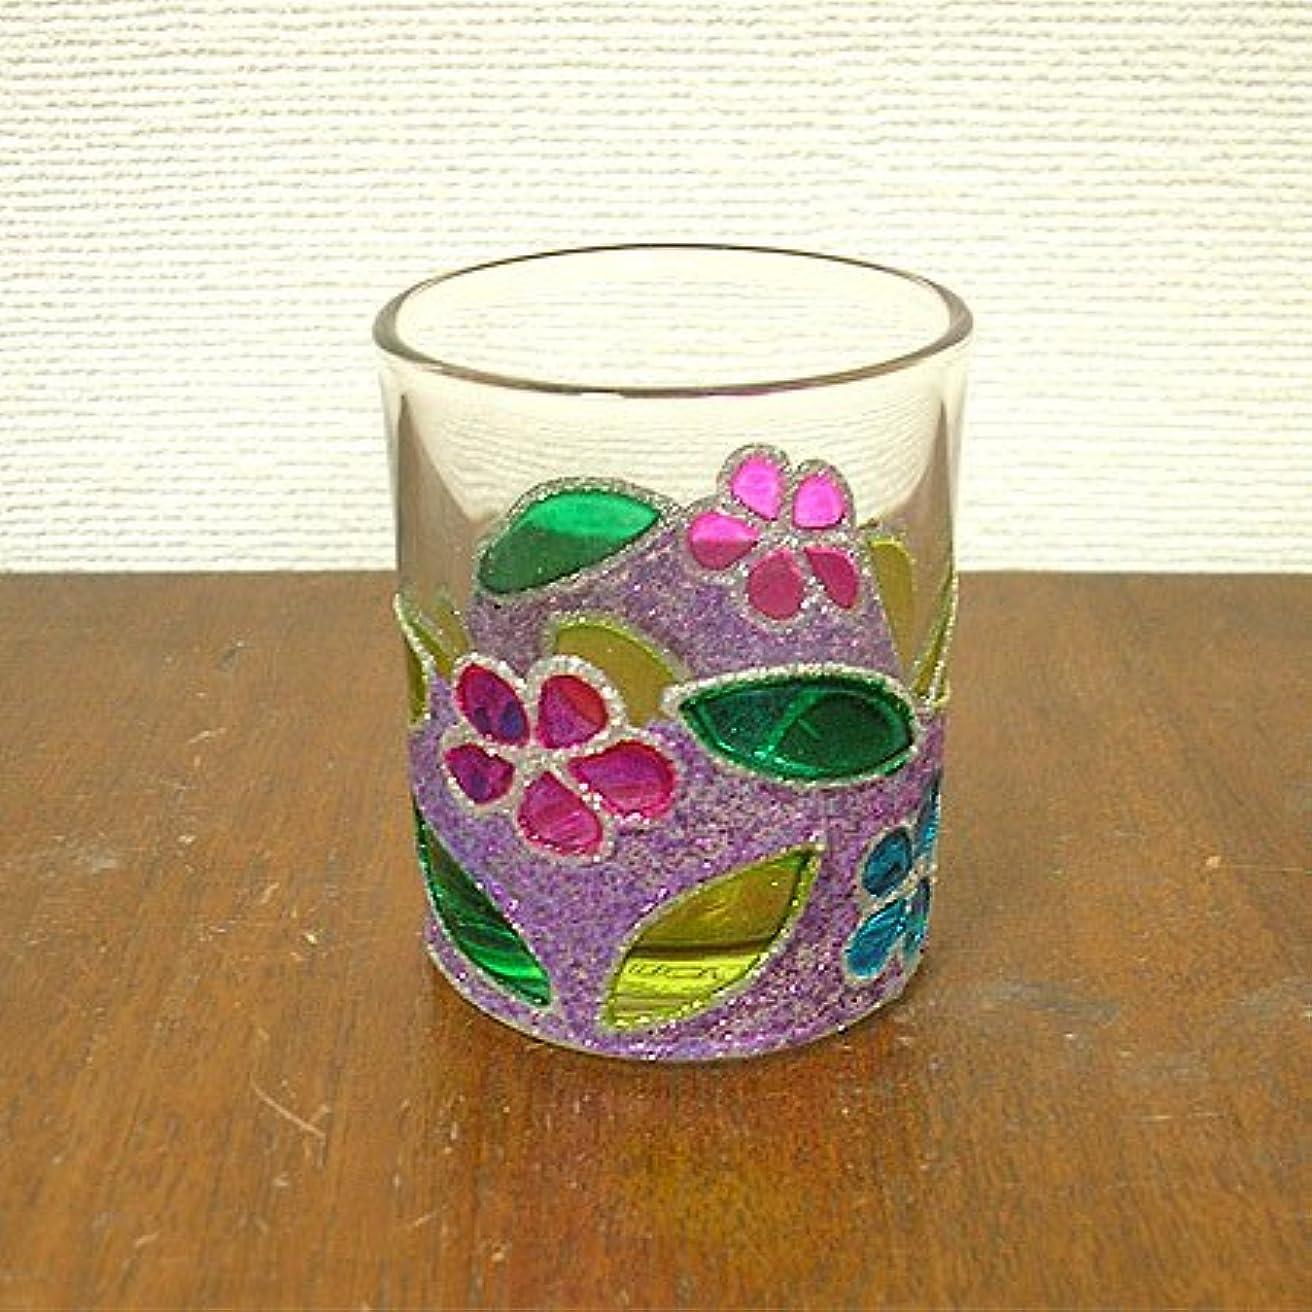 静かな神経衰弱むちゃくちゃアジアン キャンドルホルダー カップ グラス 花柄 パープル アジアン雑貨